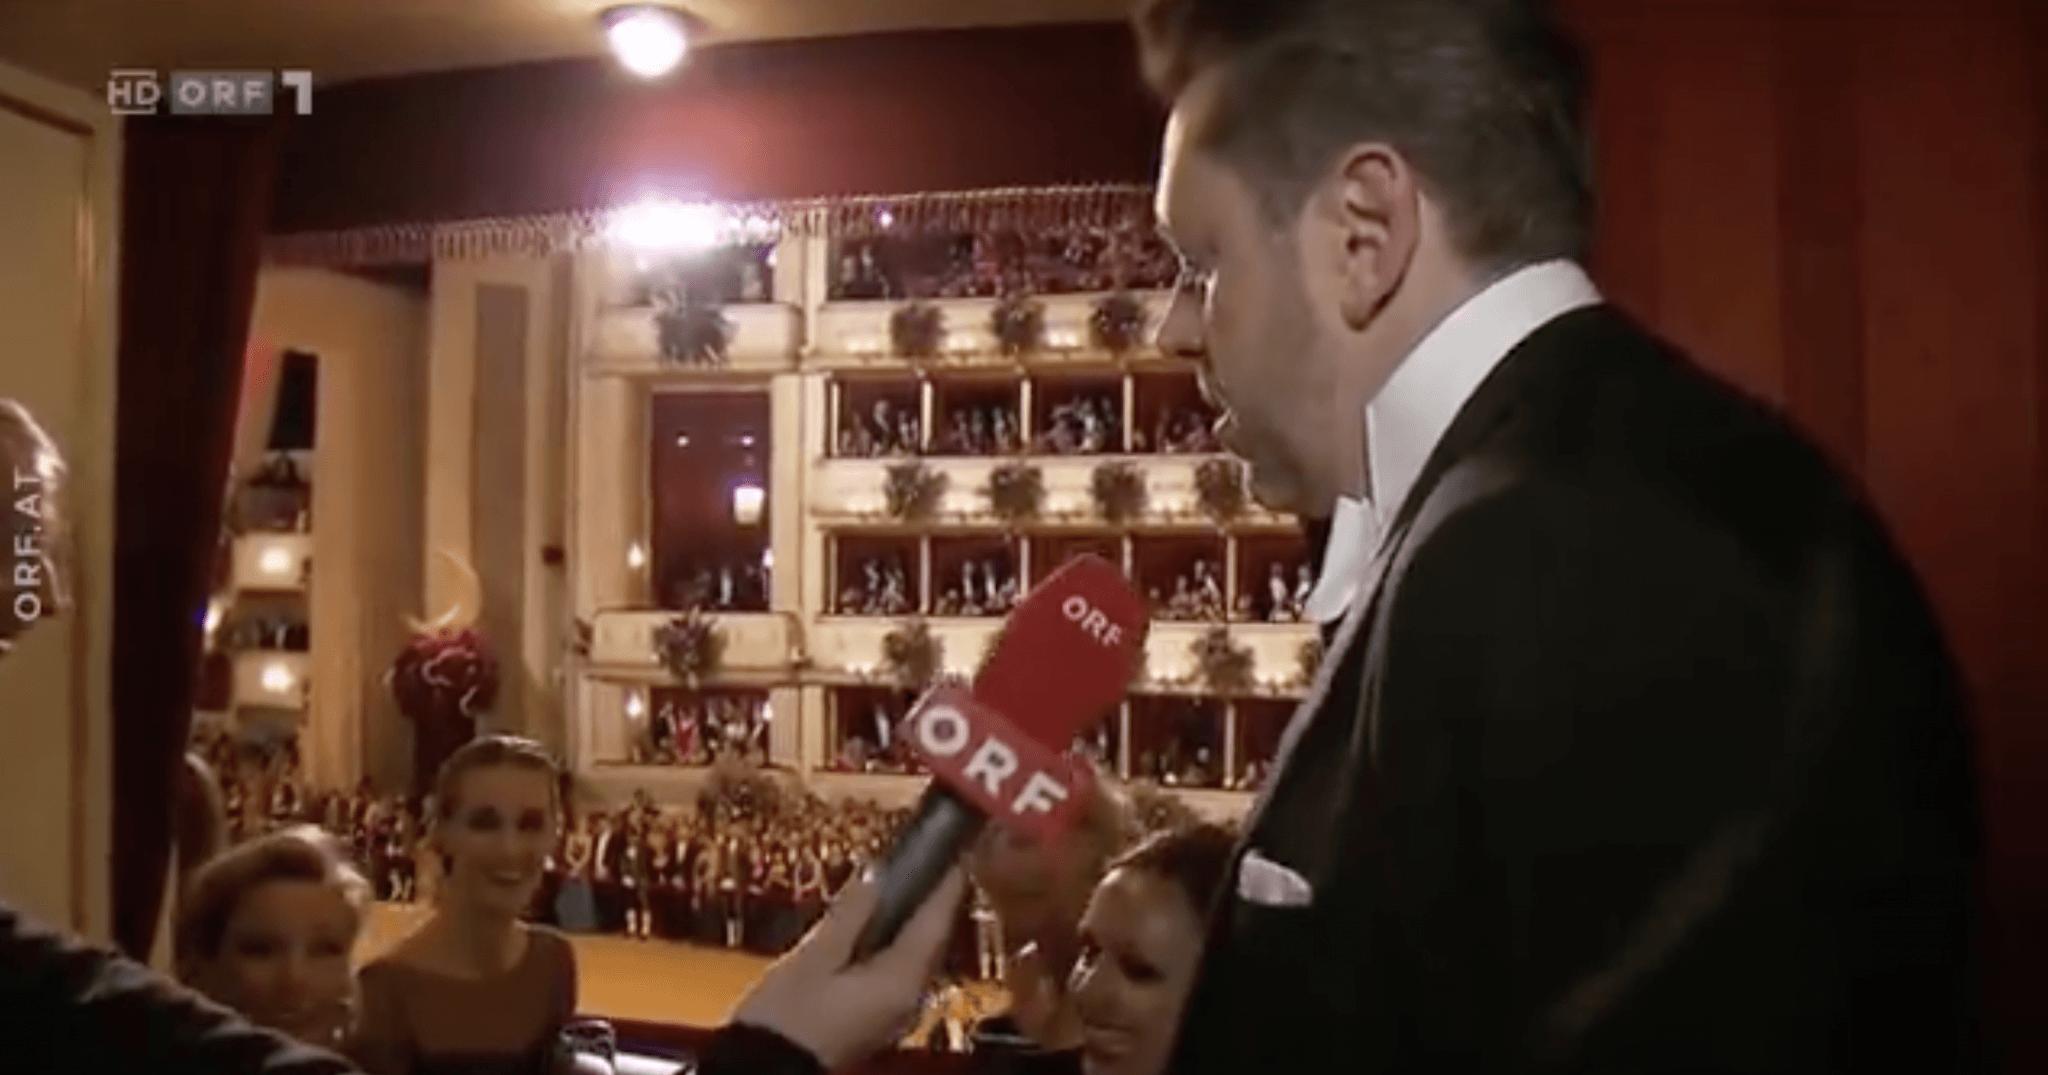 WKO-Präsident Mahrer hetzt beim Opernball mit seinen Logen-Gästen über die Arbeiterkammer. Gezahlt wurde seine Loge von WKO-Mitgliedsbeiträgen.